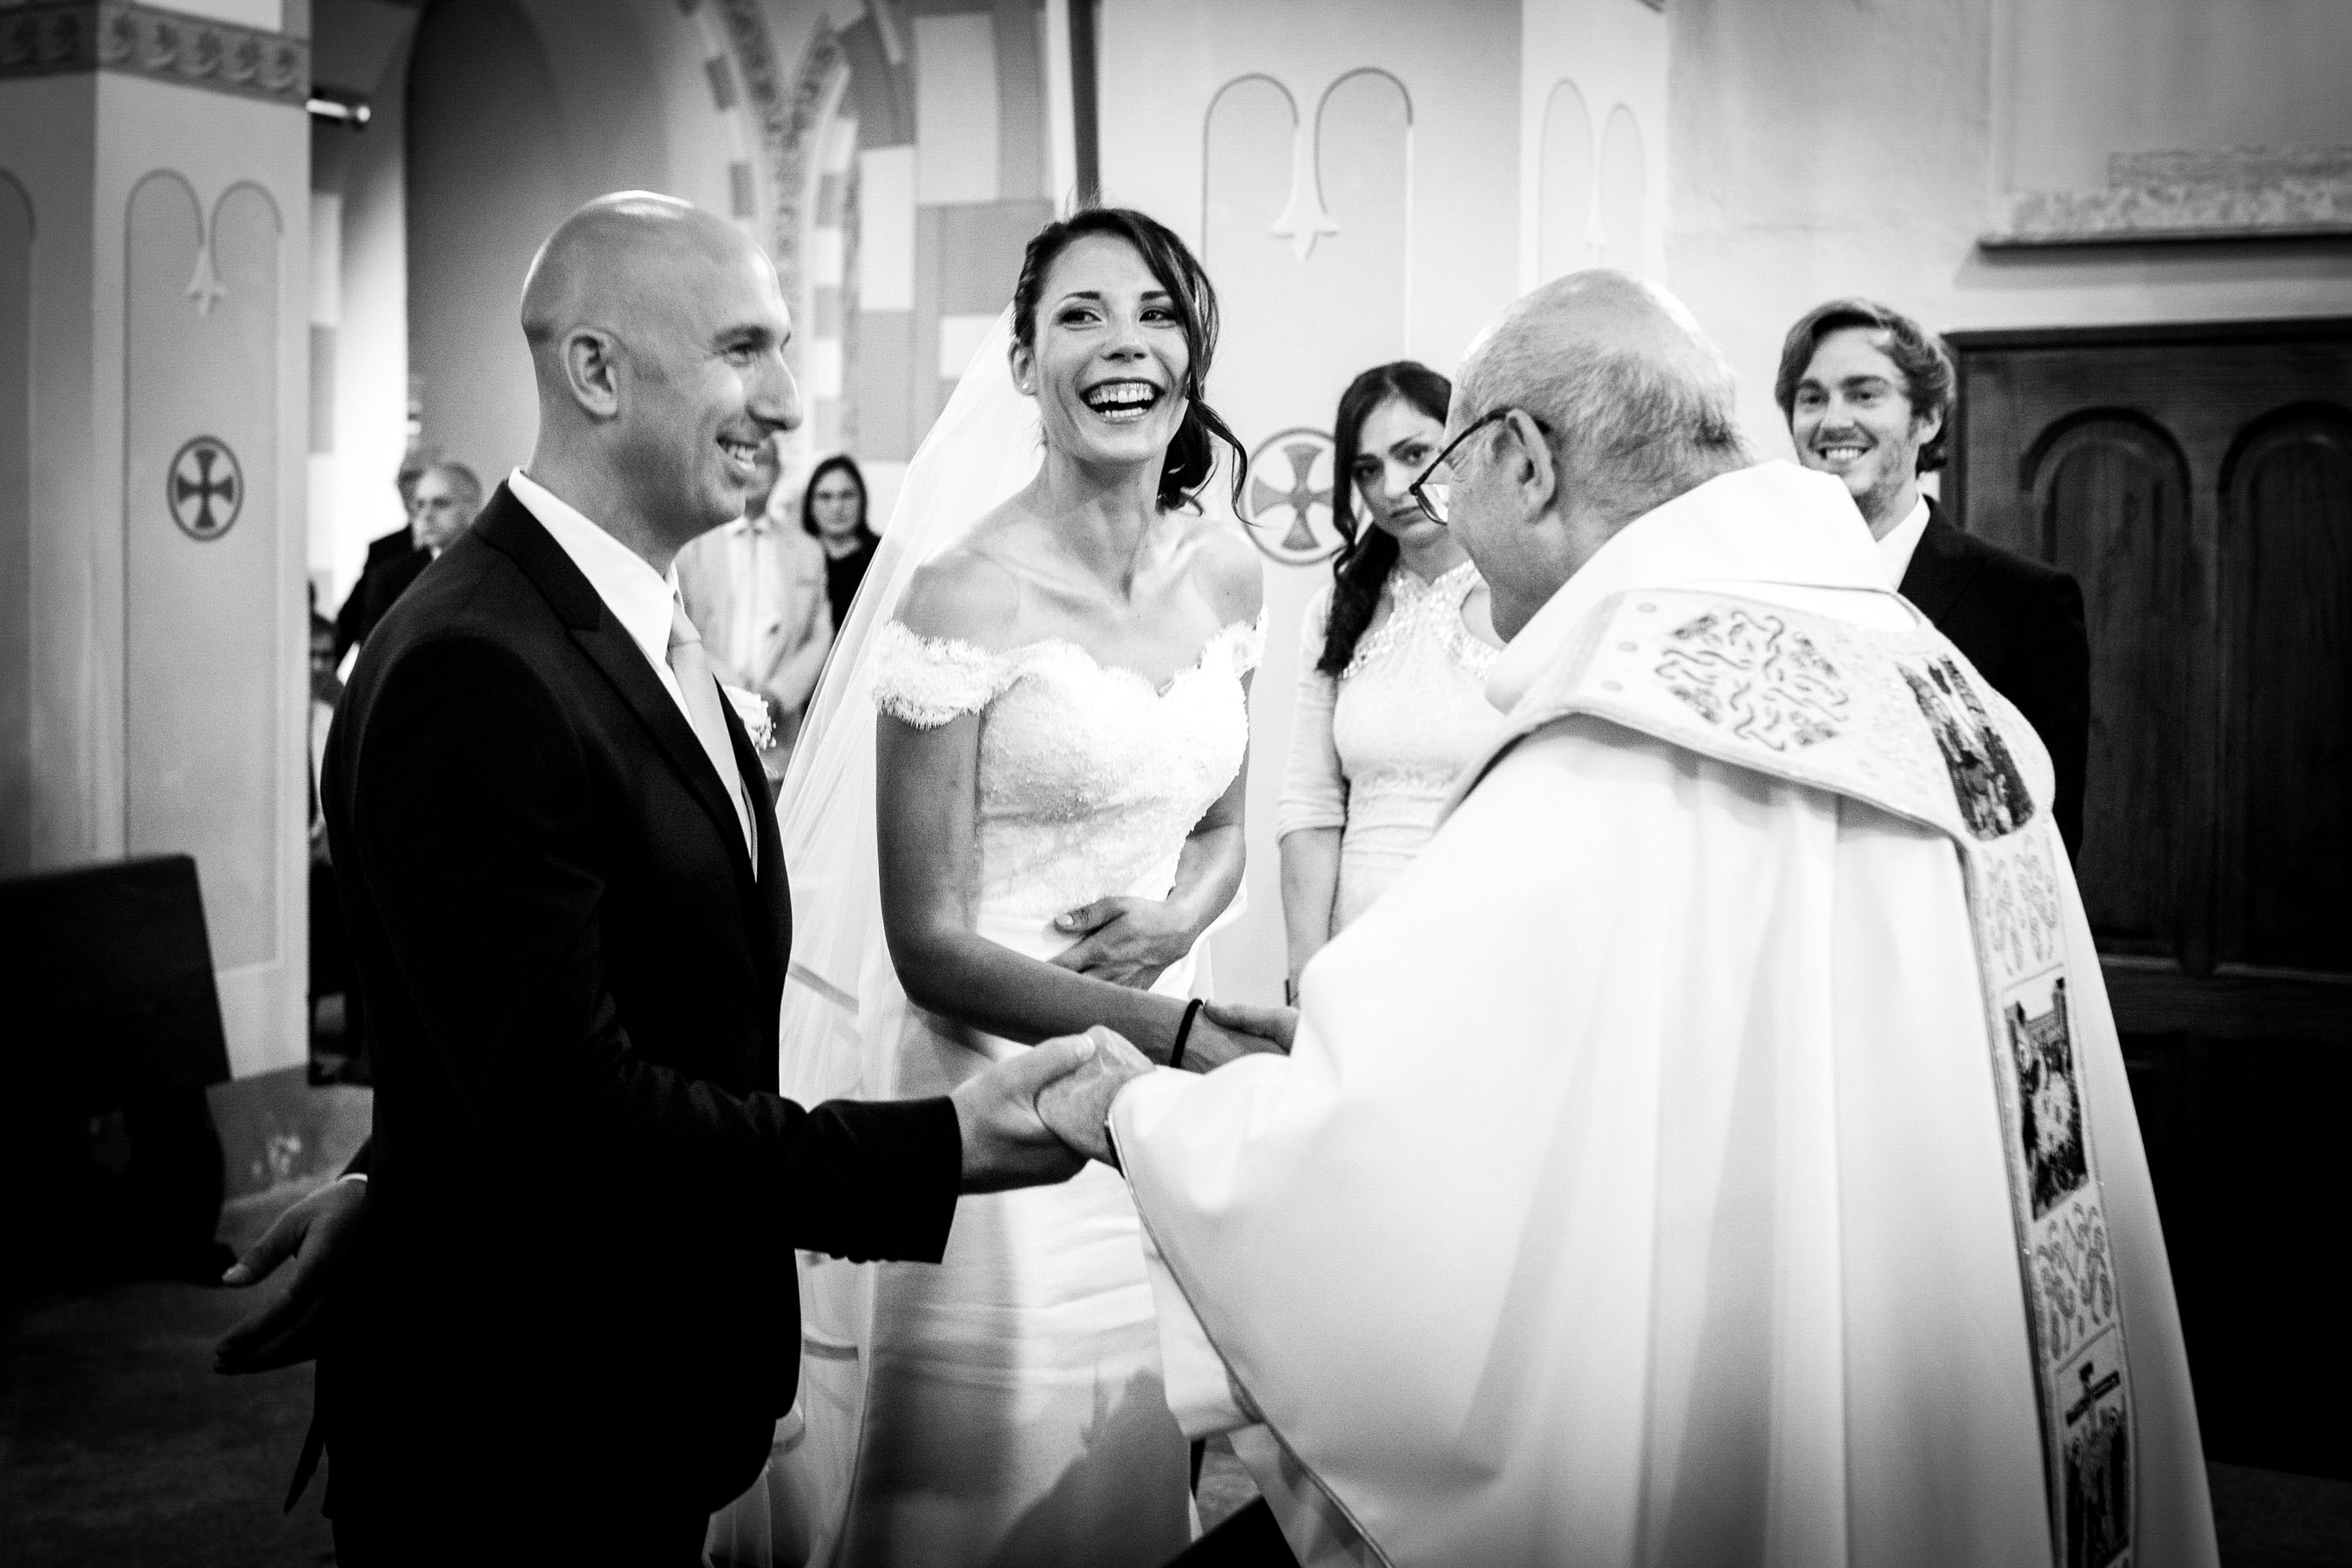 art foto_torino_monica sica photography_la vià _cavour_ fotografo matrimonio_torino-26